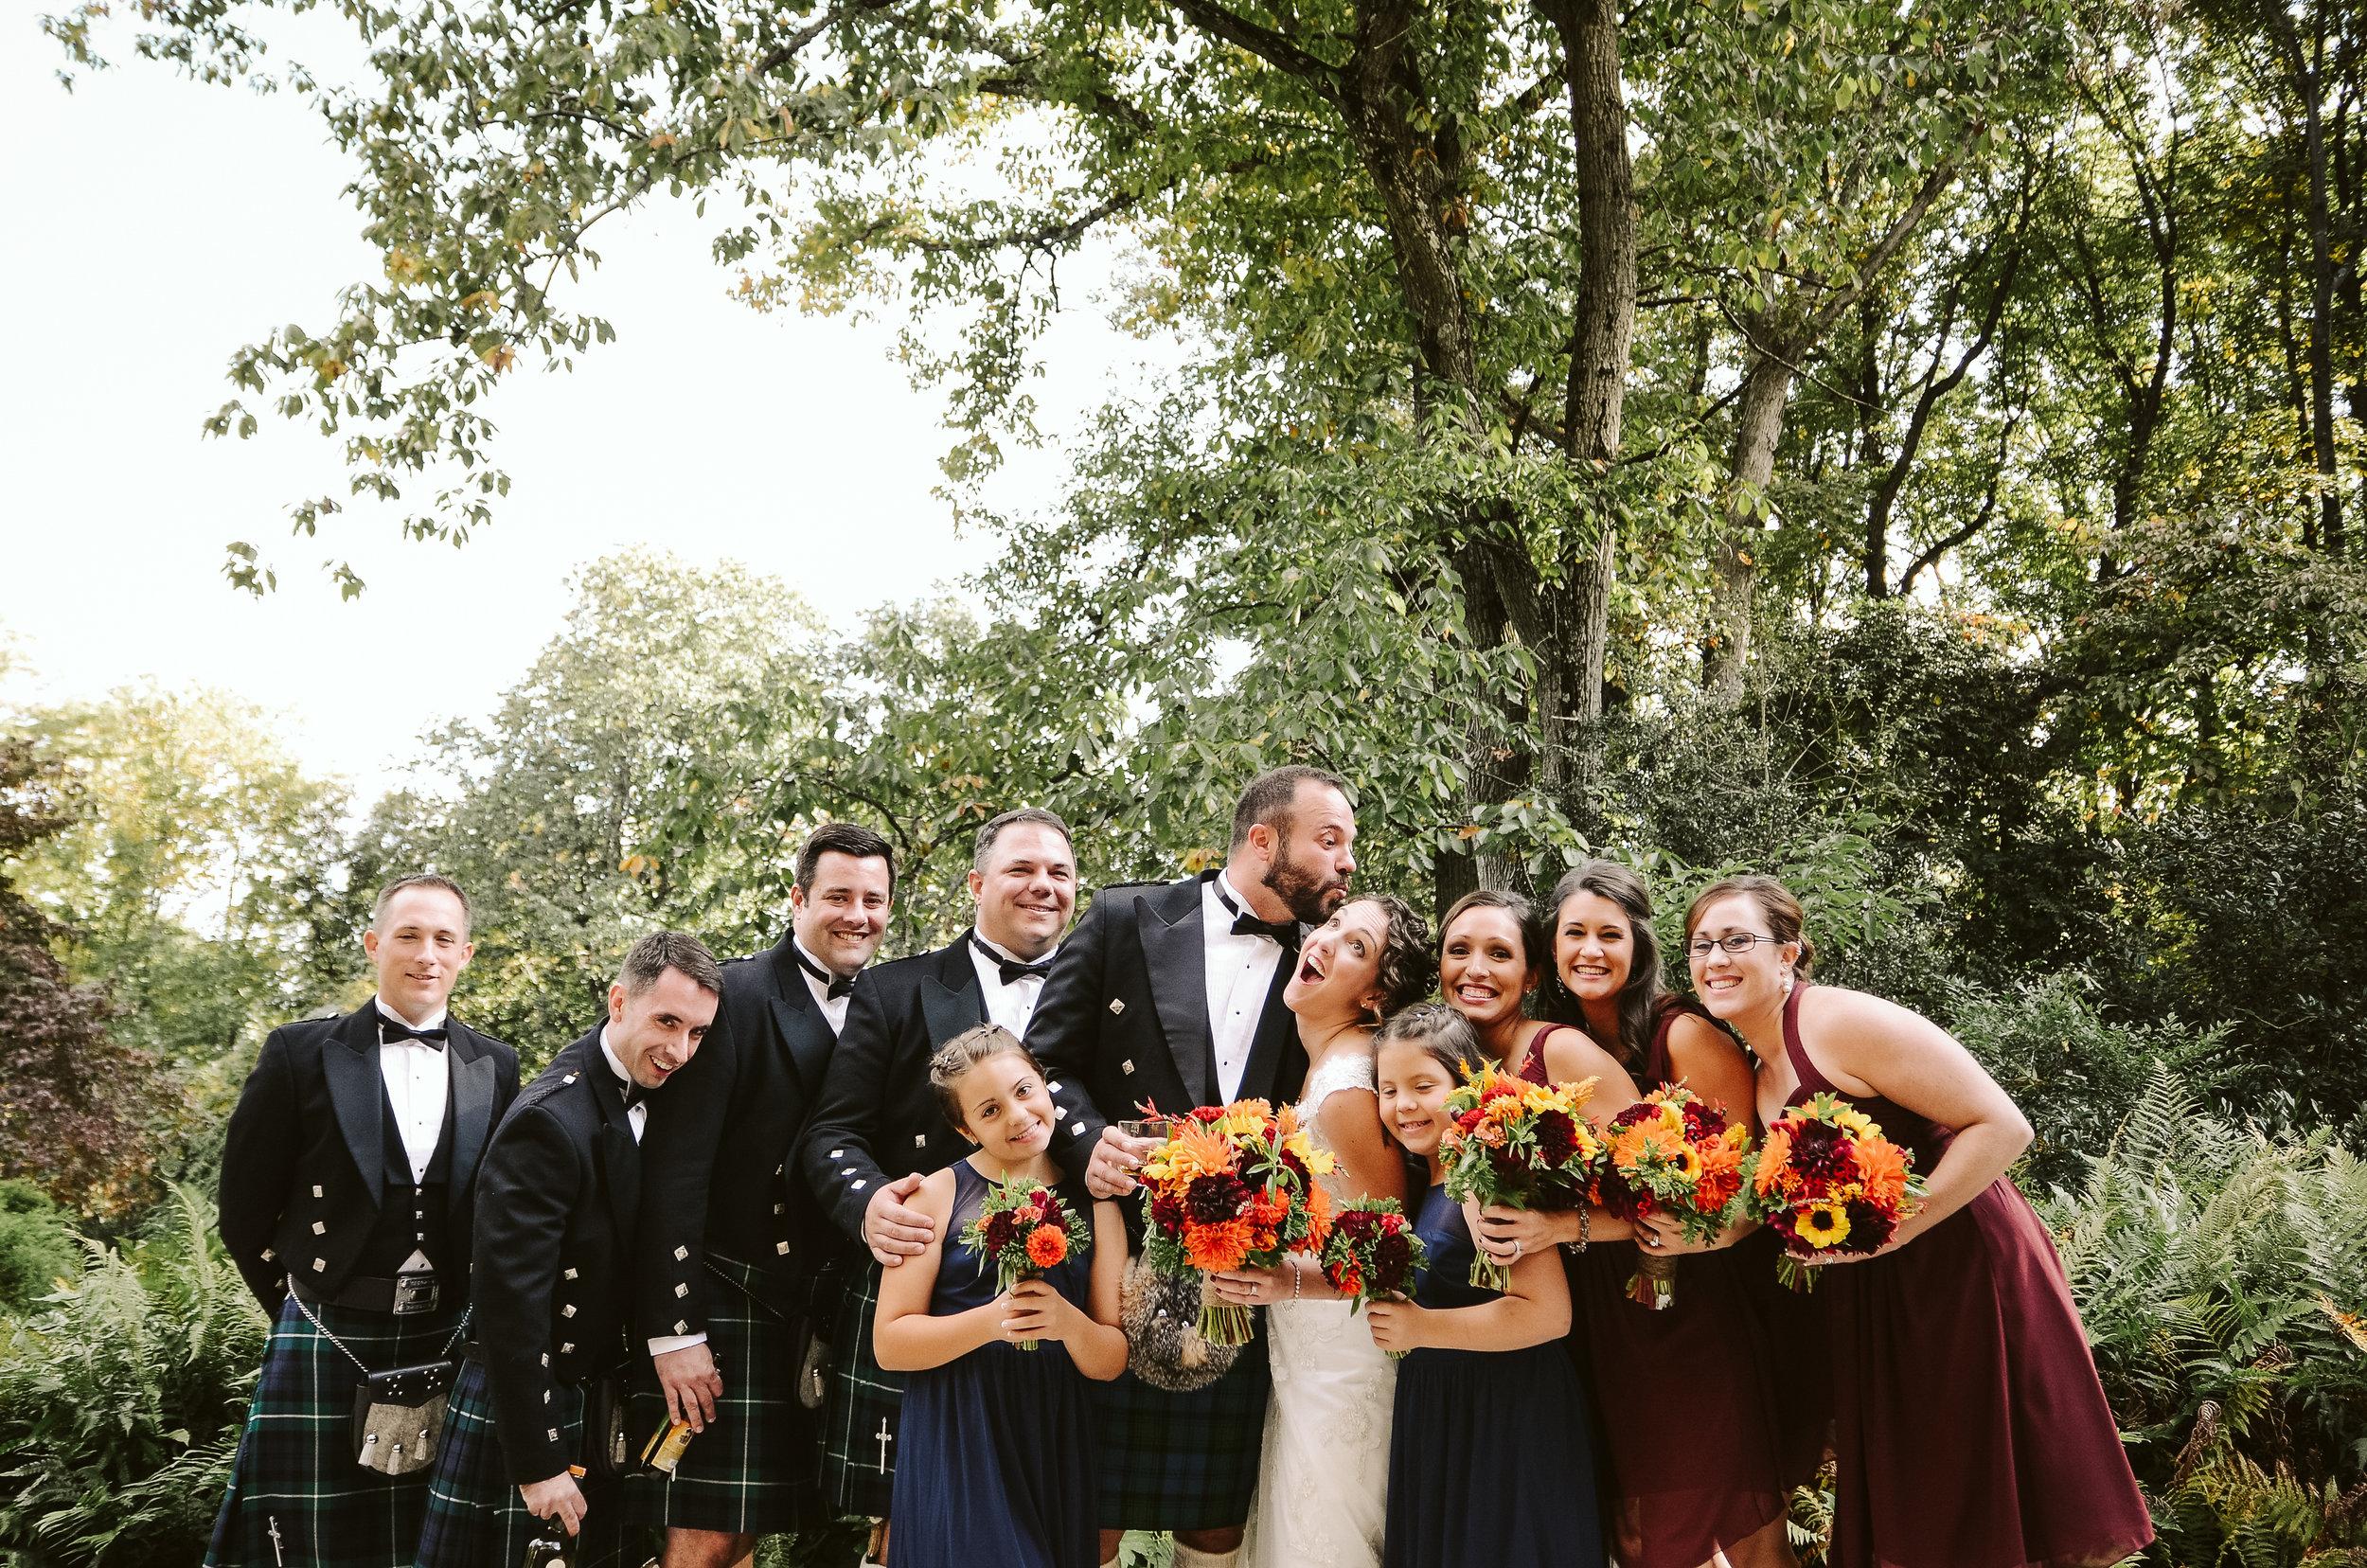 adrienne and greg's wedding 2018 edits-29.jpg